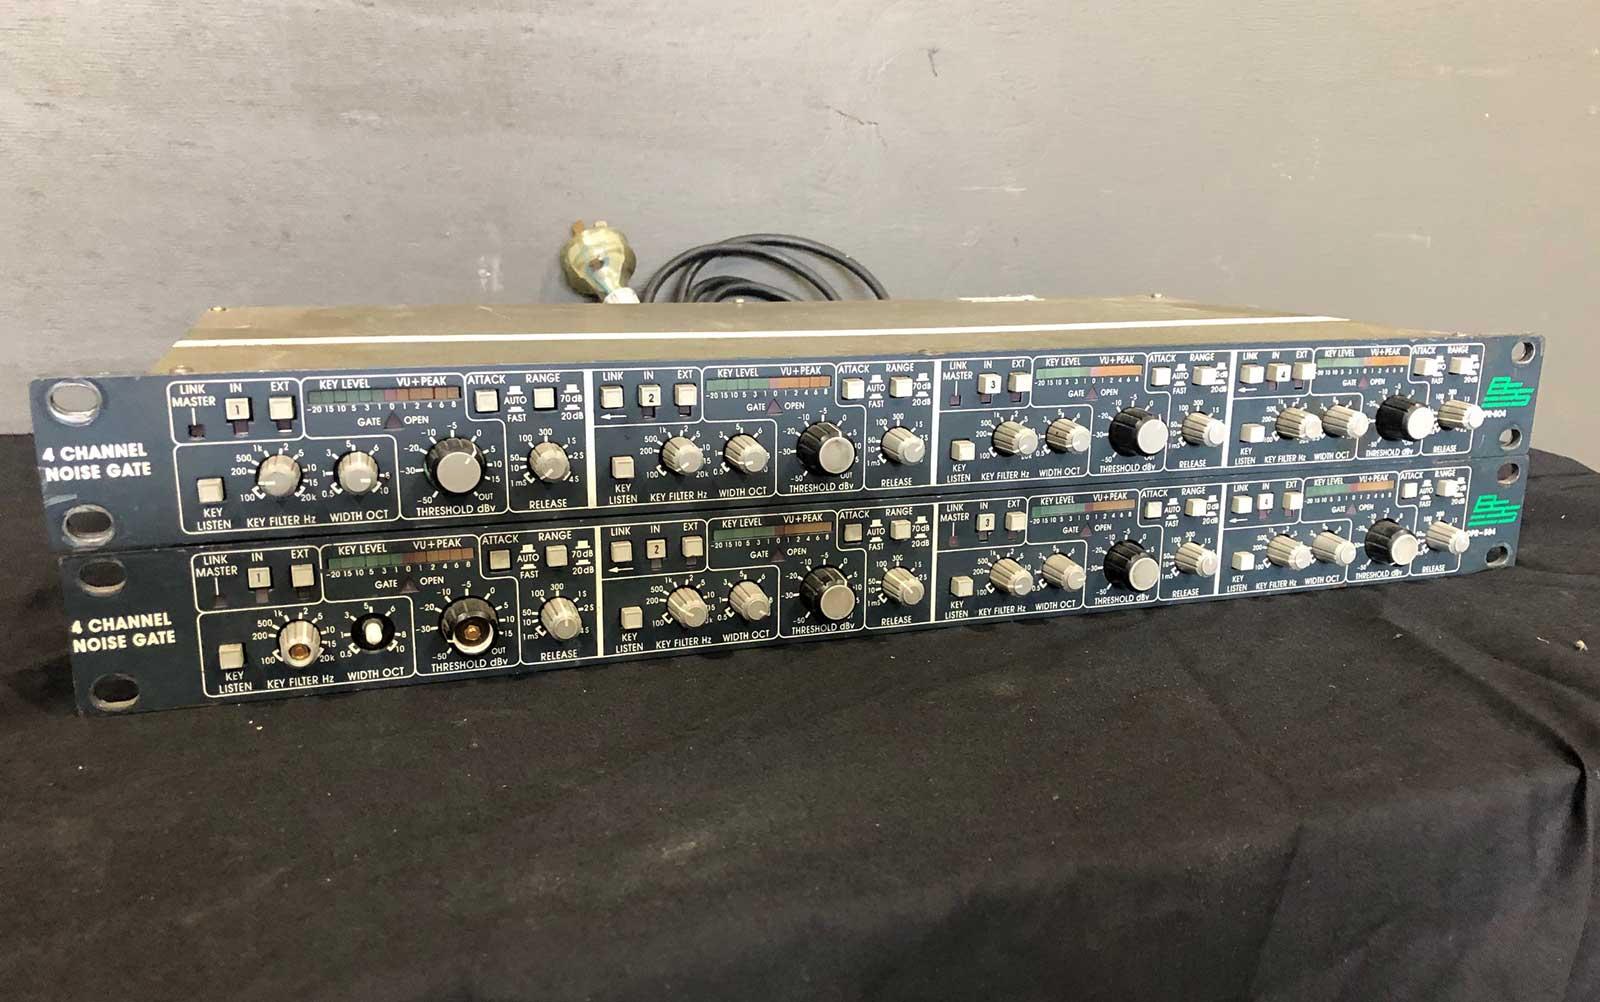 BSS DPR-404 4 channel noise gate